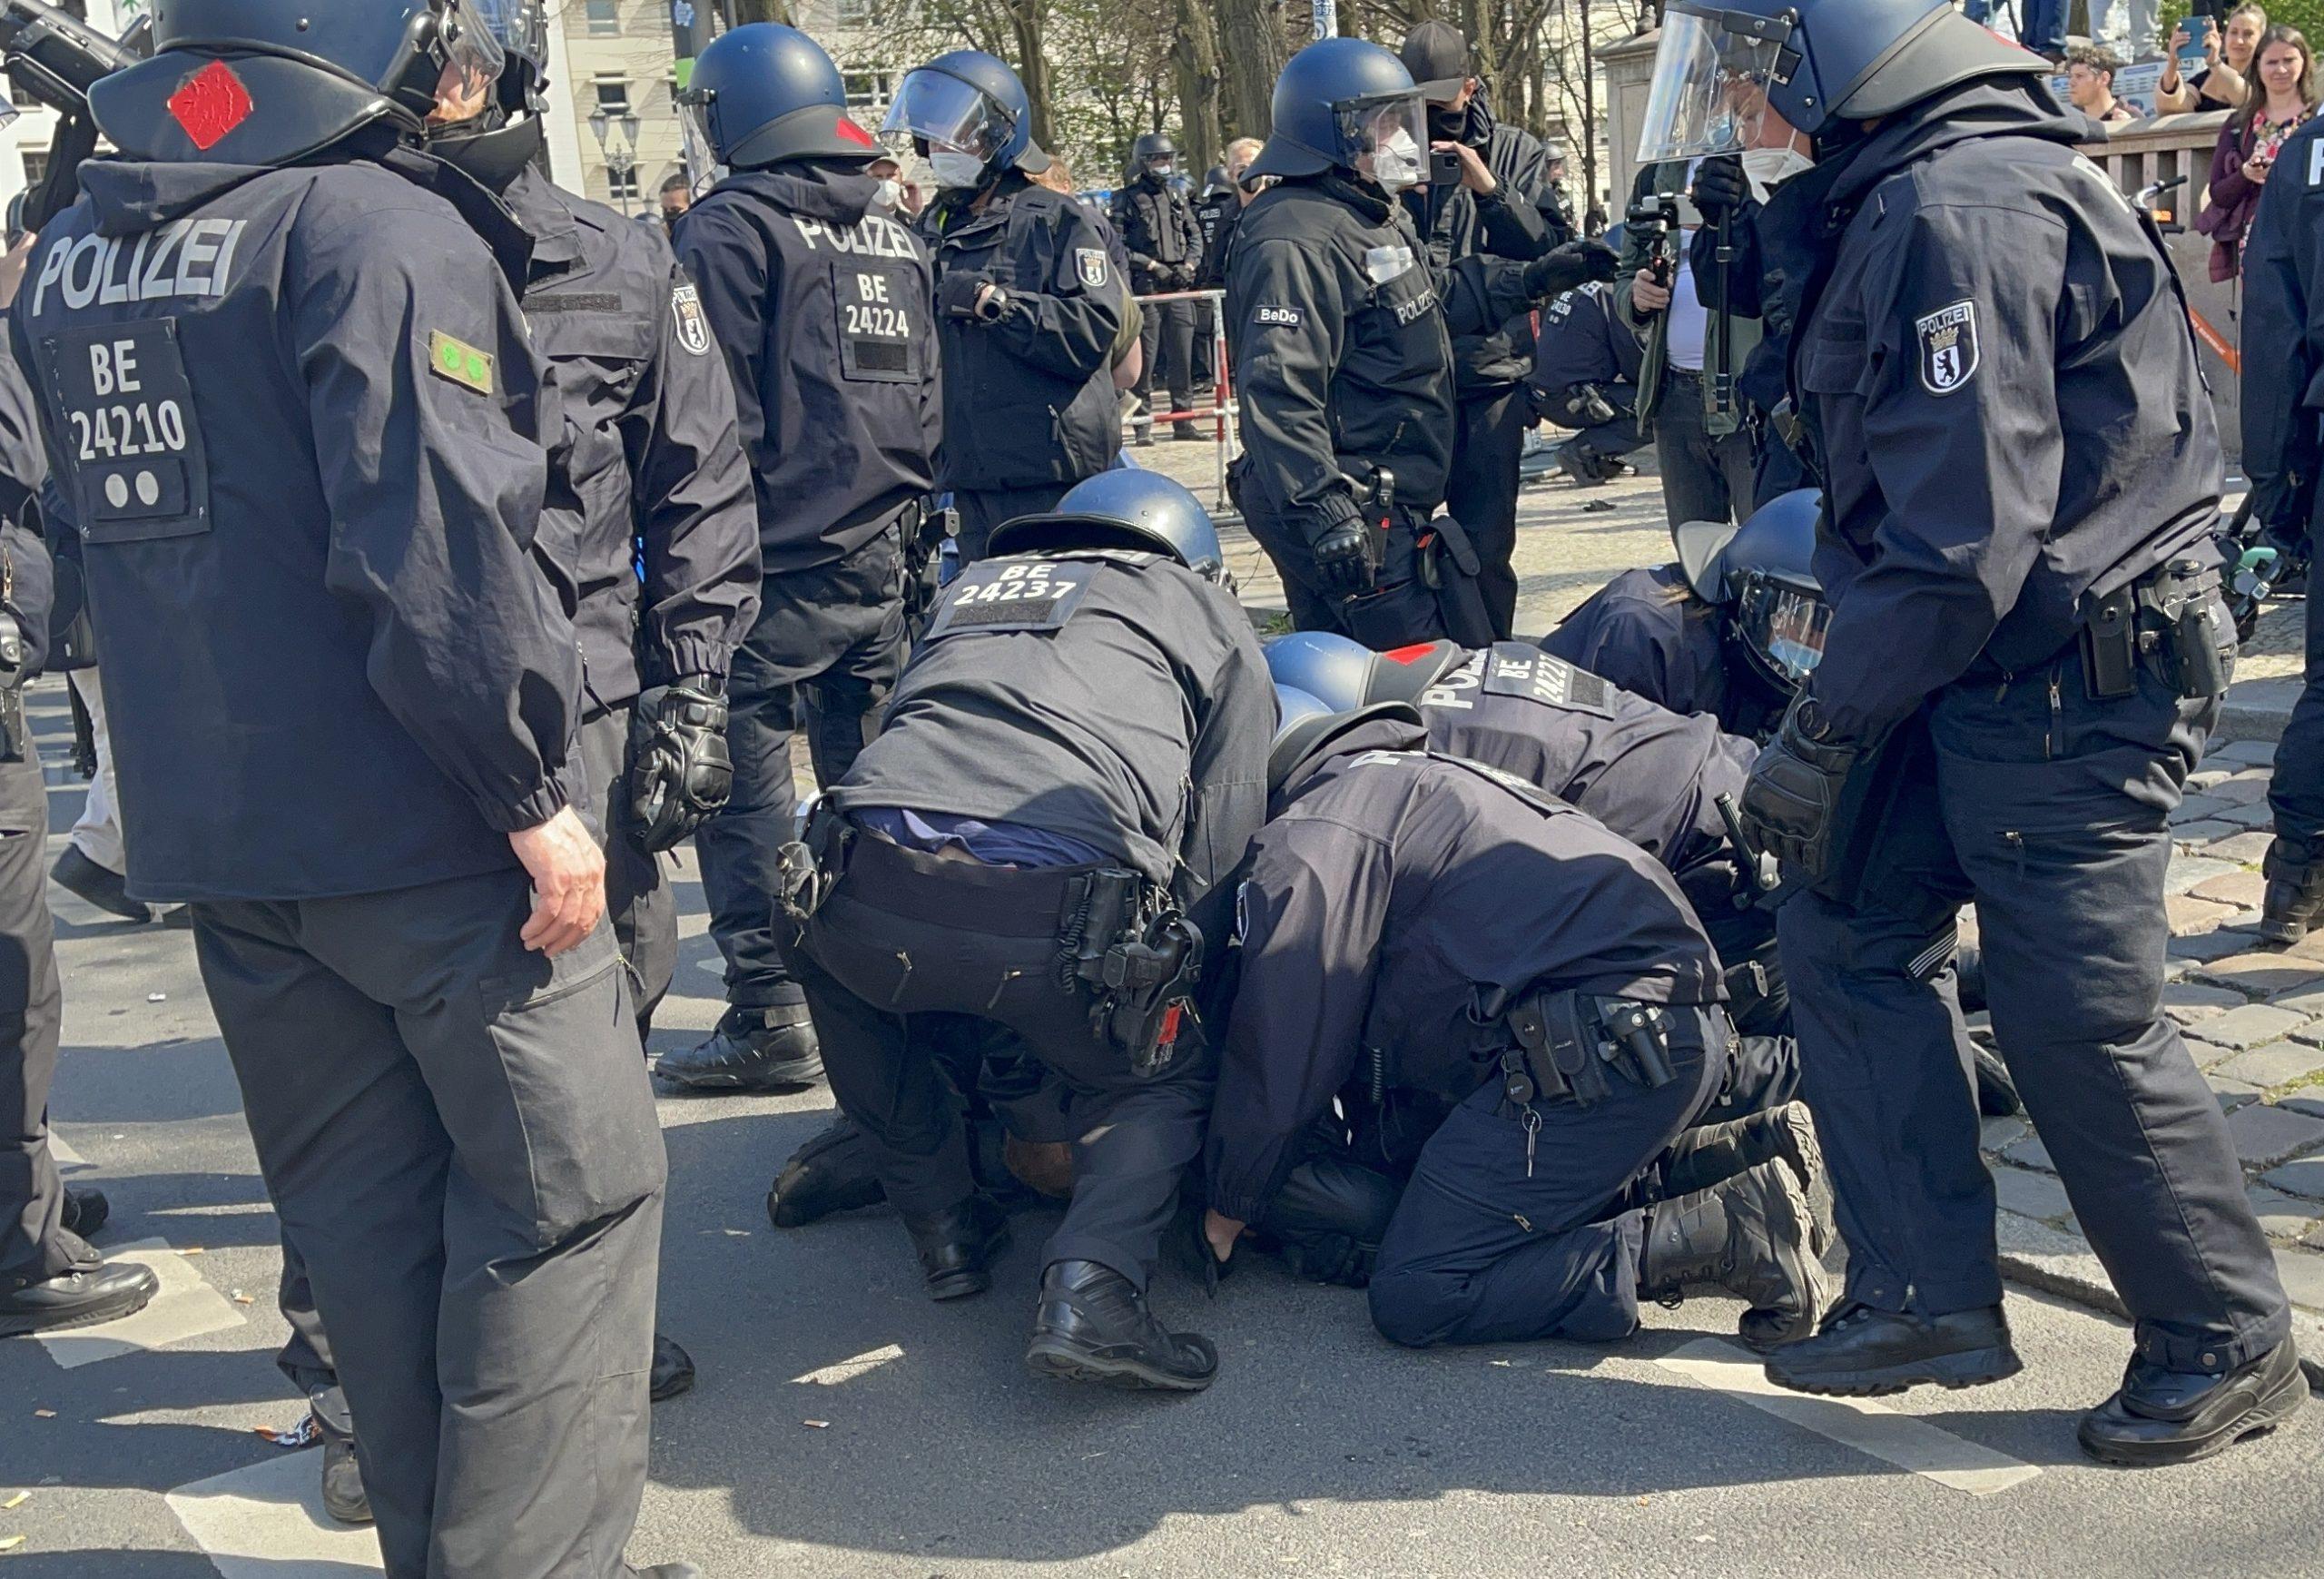 Alman polisten aşırı sağcı teröriste aşk mektupları